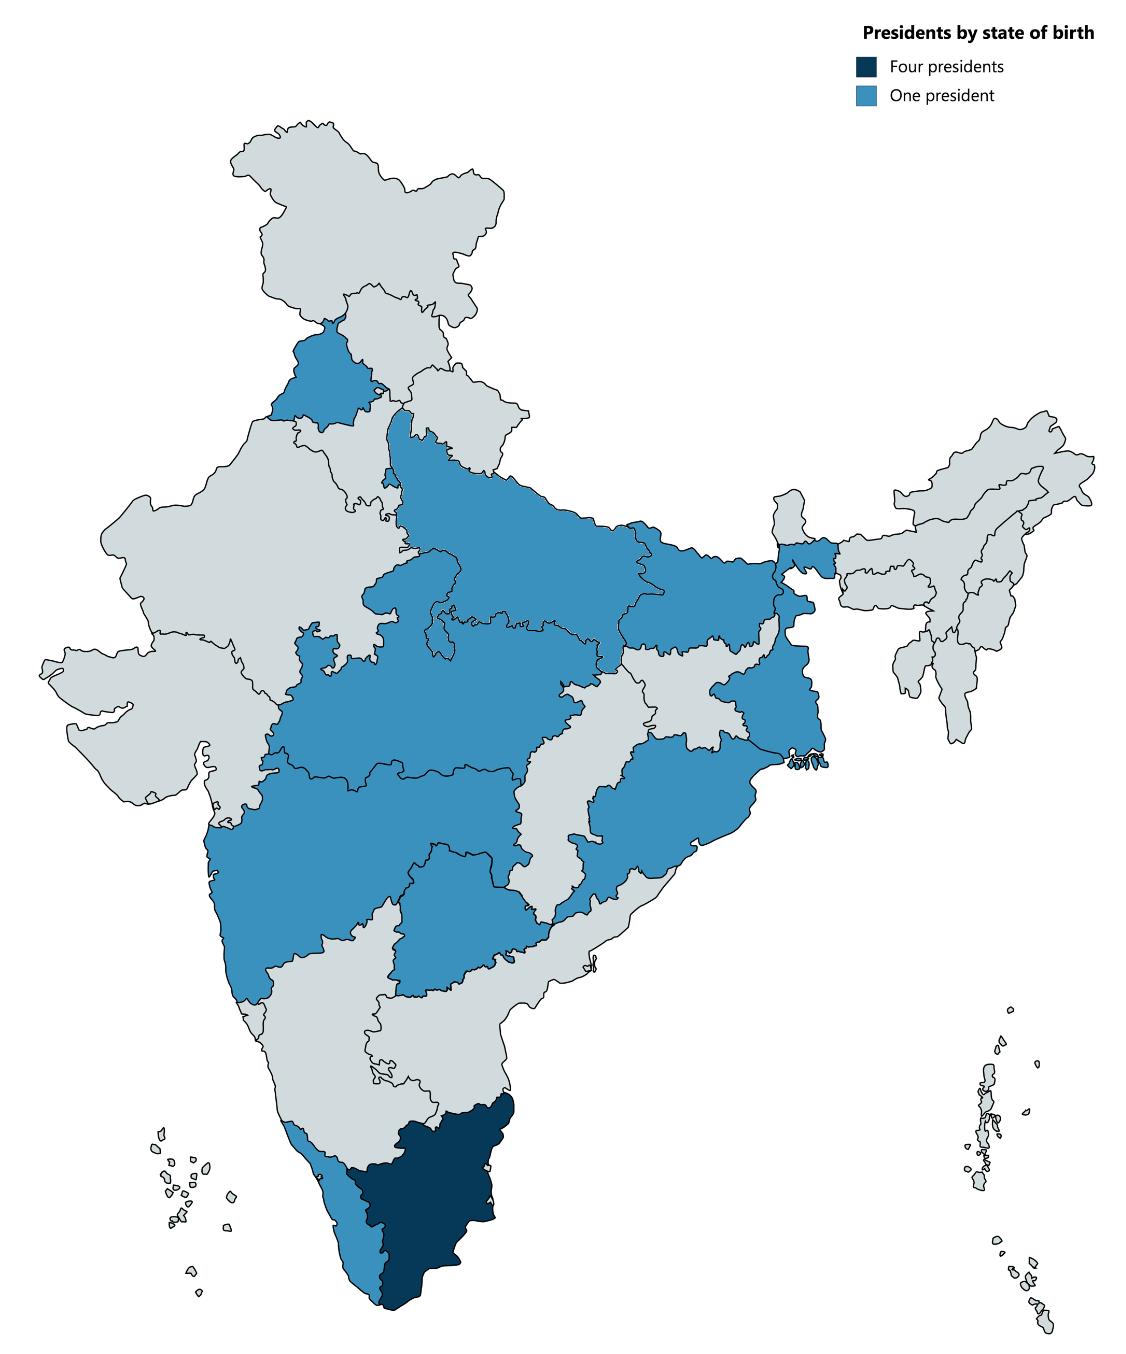 قائمة رؤساء الهند ويكيبيديا